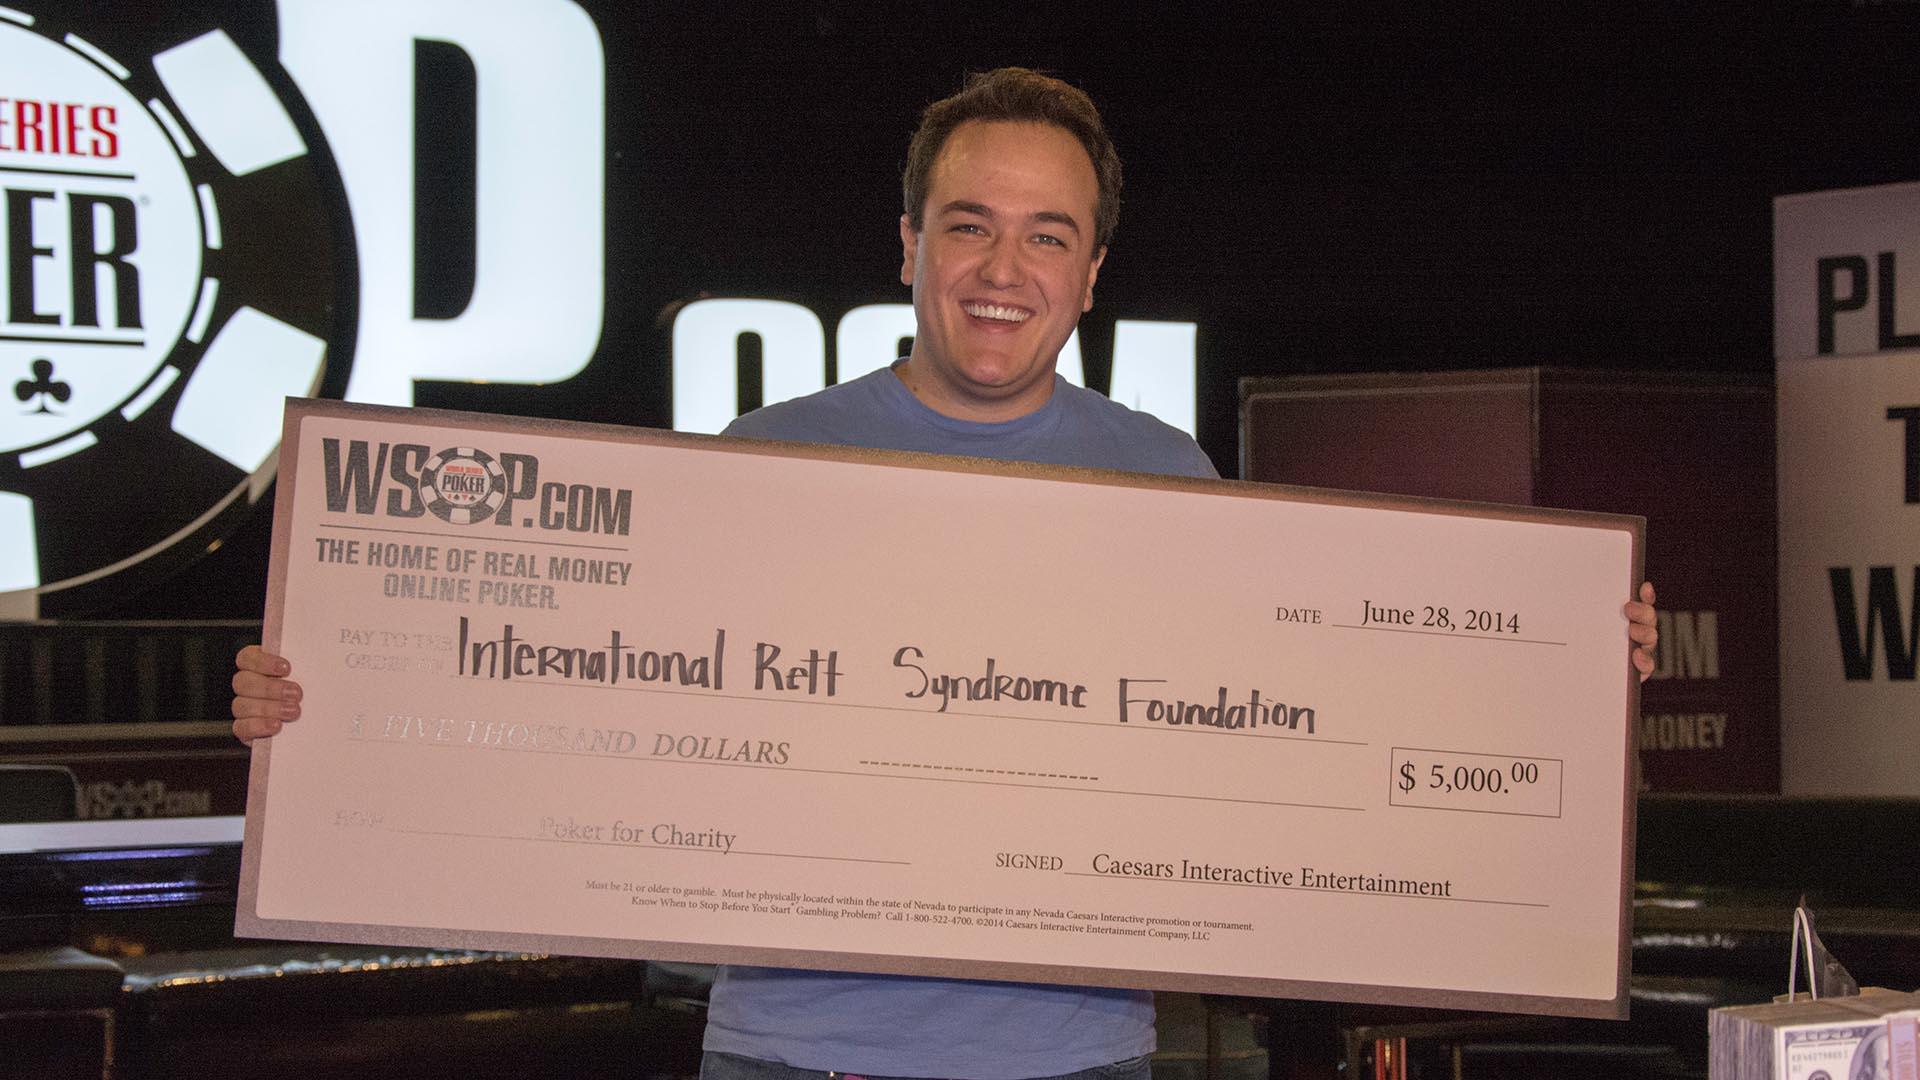 FI WSOP Win 2014